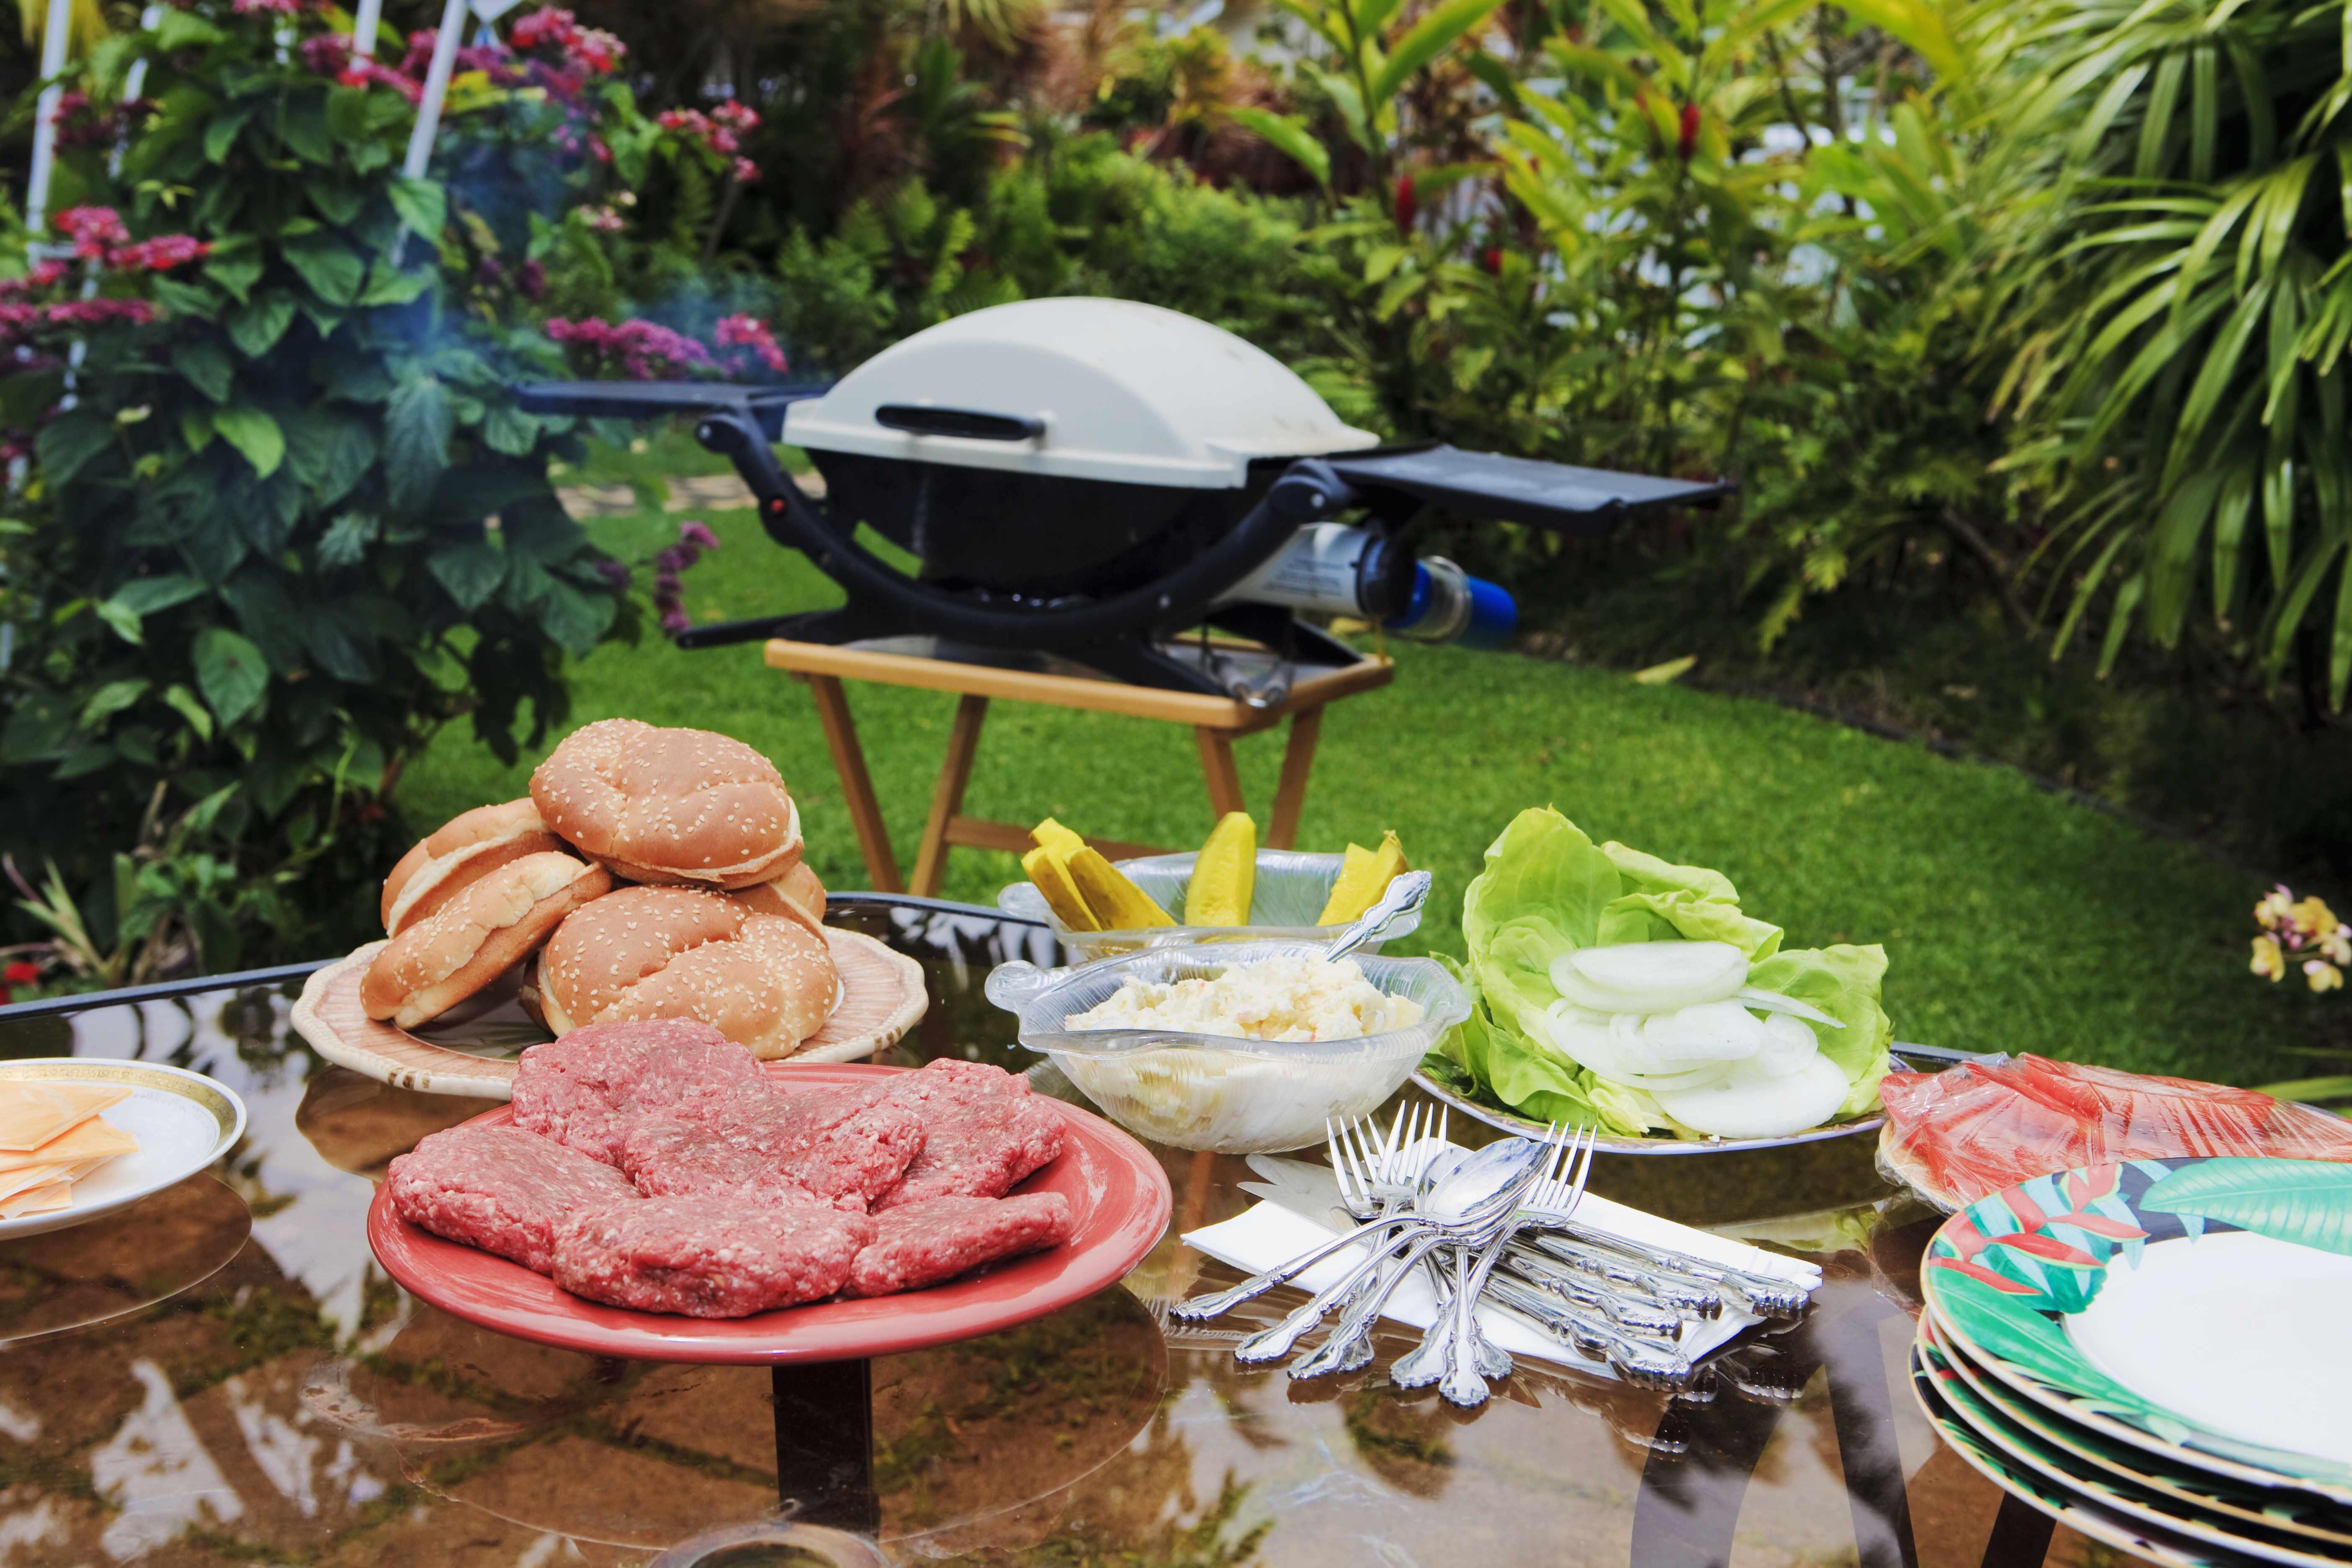 tropical garden bar-b-qu, grilling food